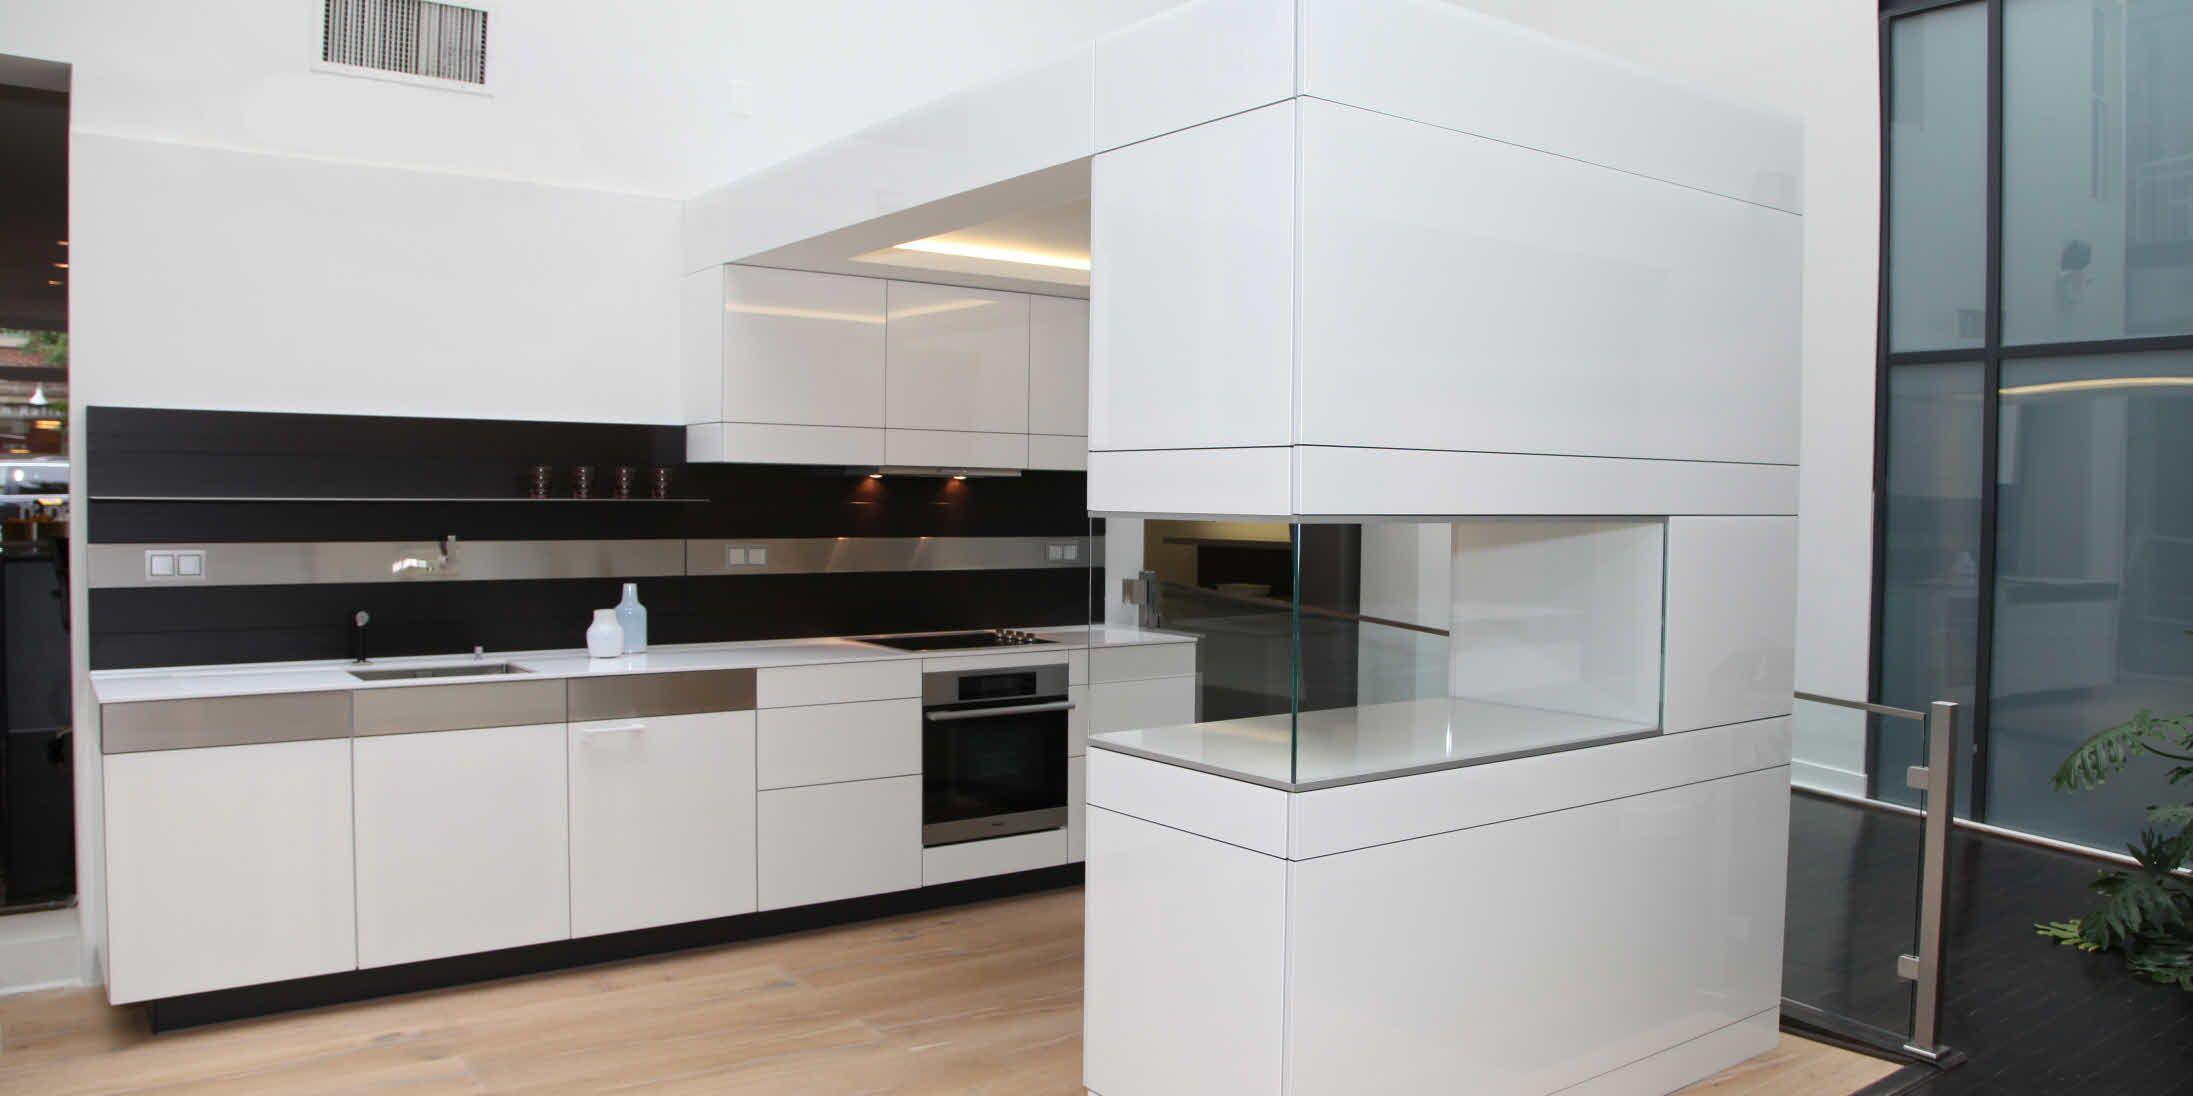 Schwarze Ruckwand Weisse Arbeitsplatte Extra Dunn Kuchendesign Kuchen Design Kuchen Fronten